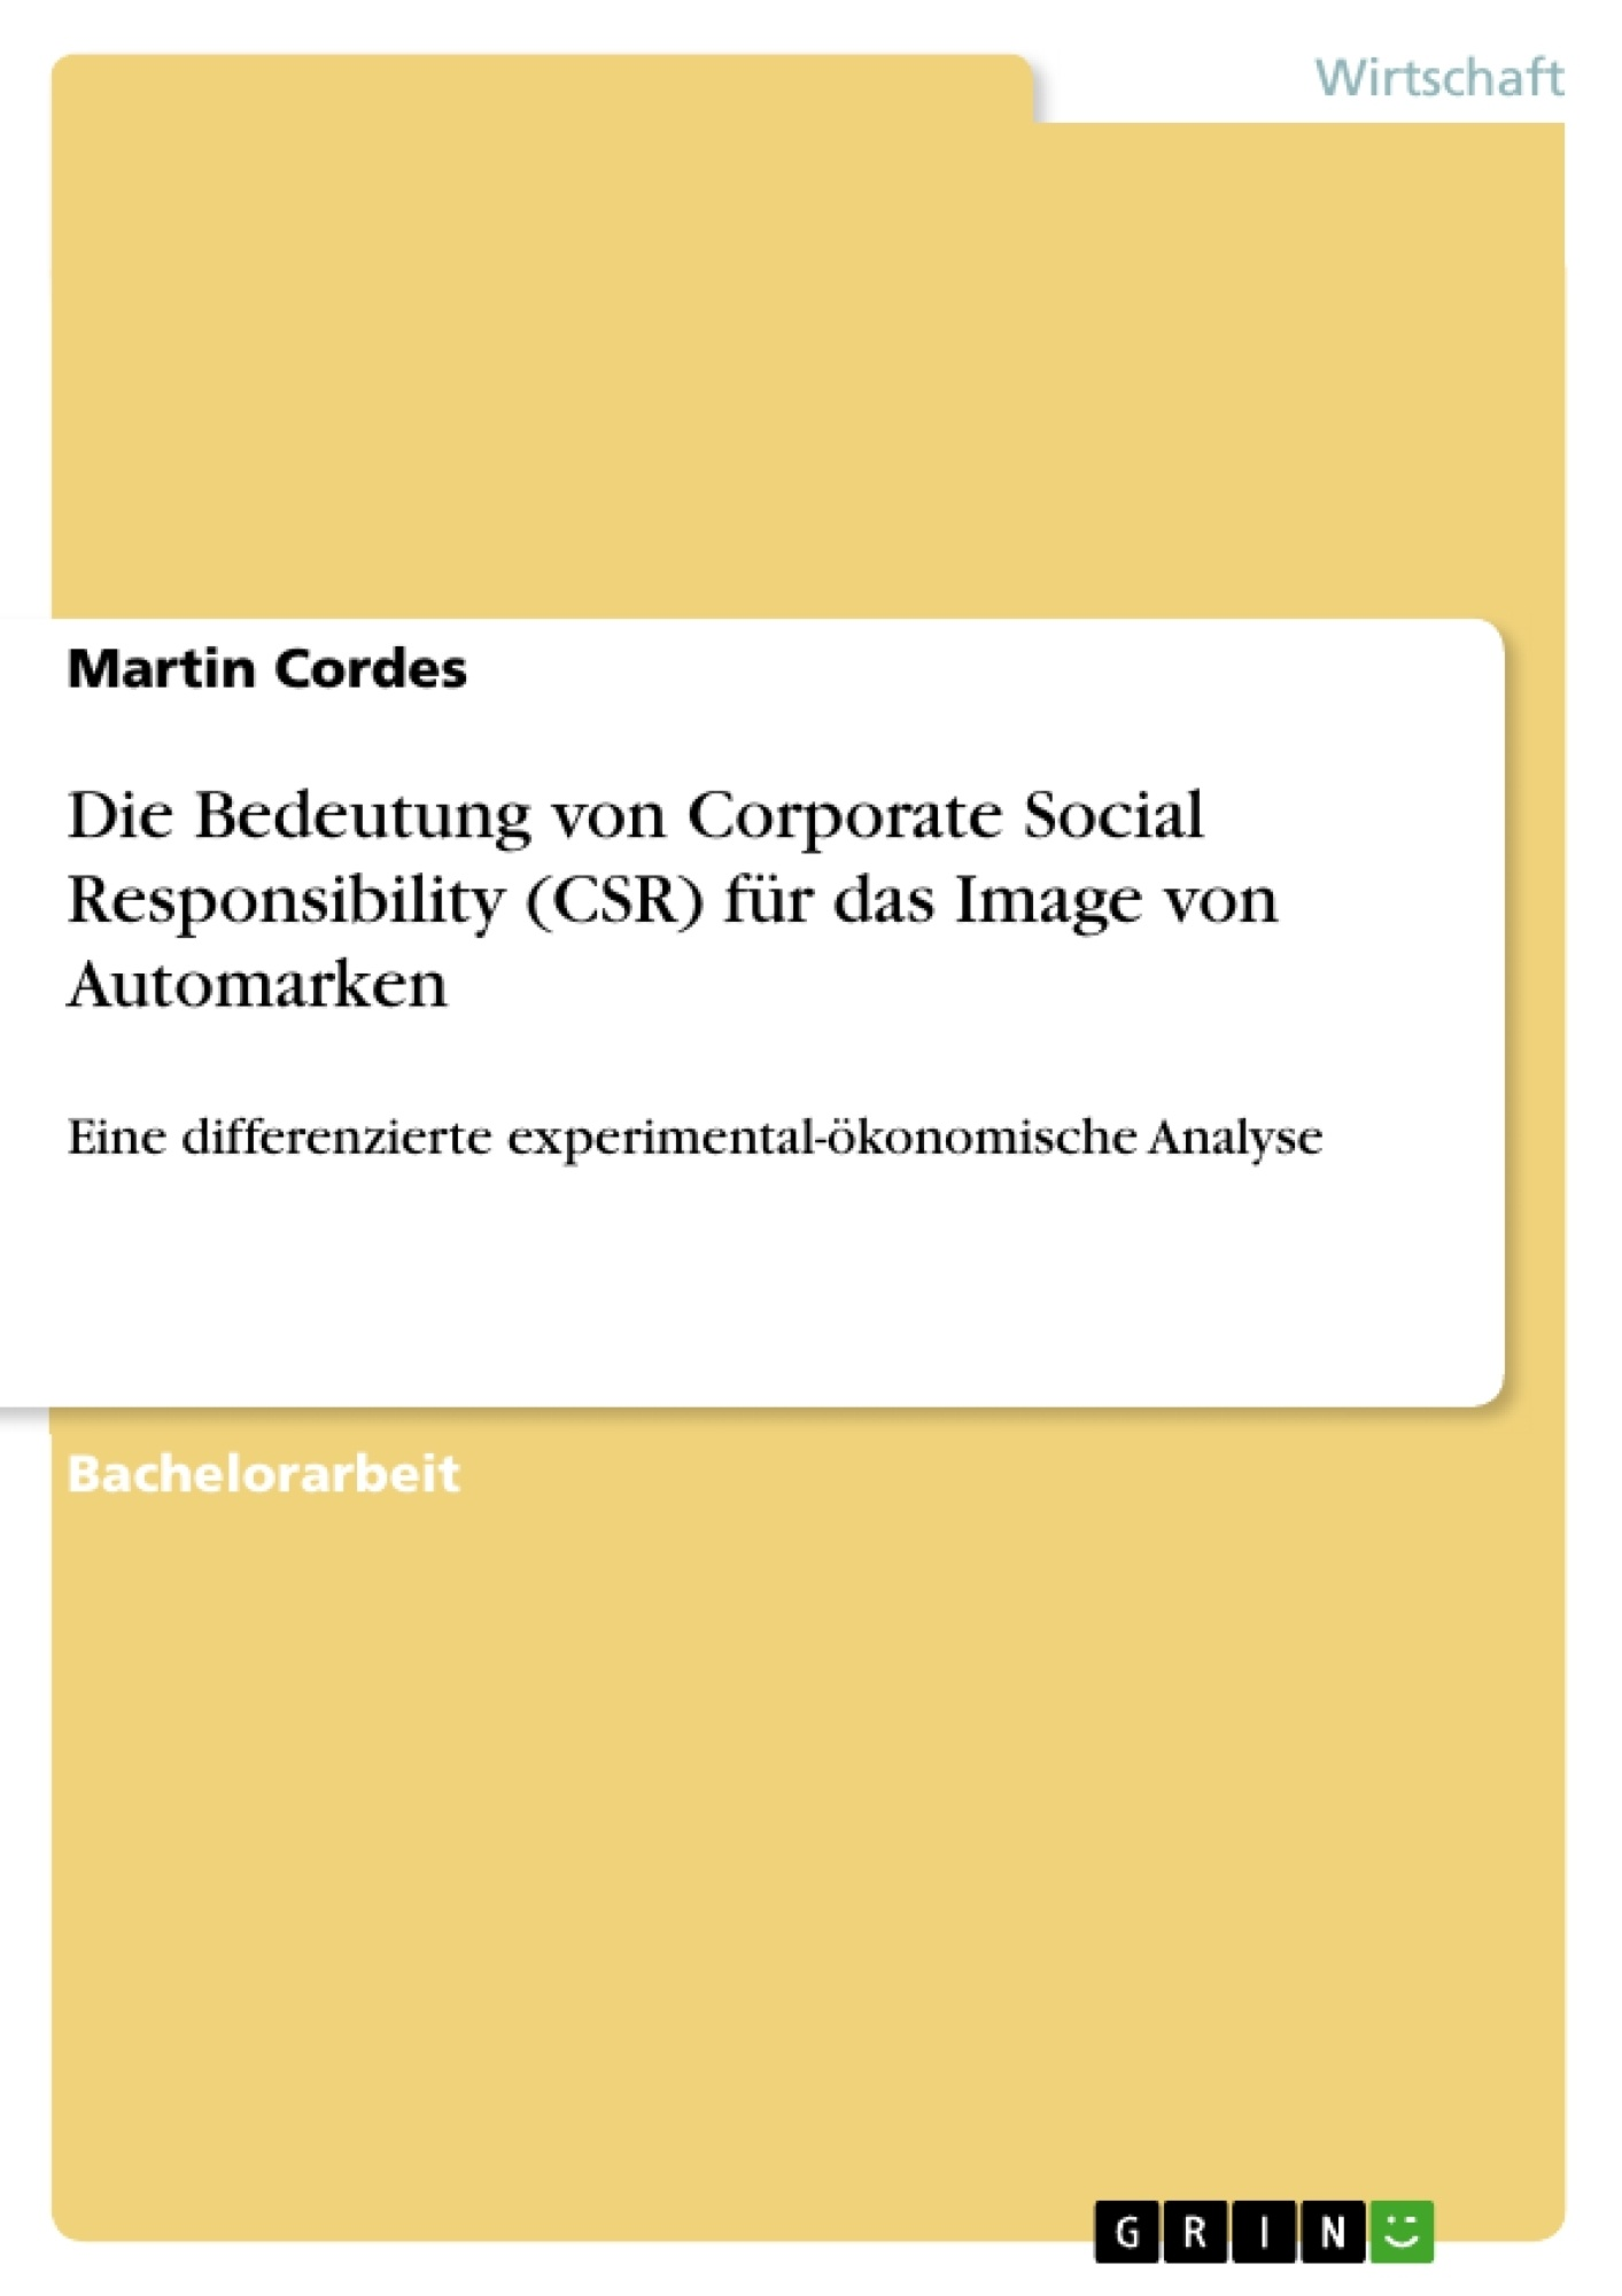 Die Bedeutung von Corporate Social Responsibility (CSR) für das ...